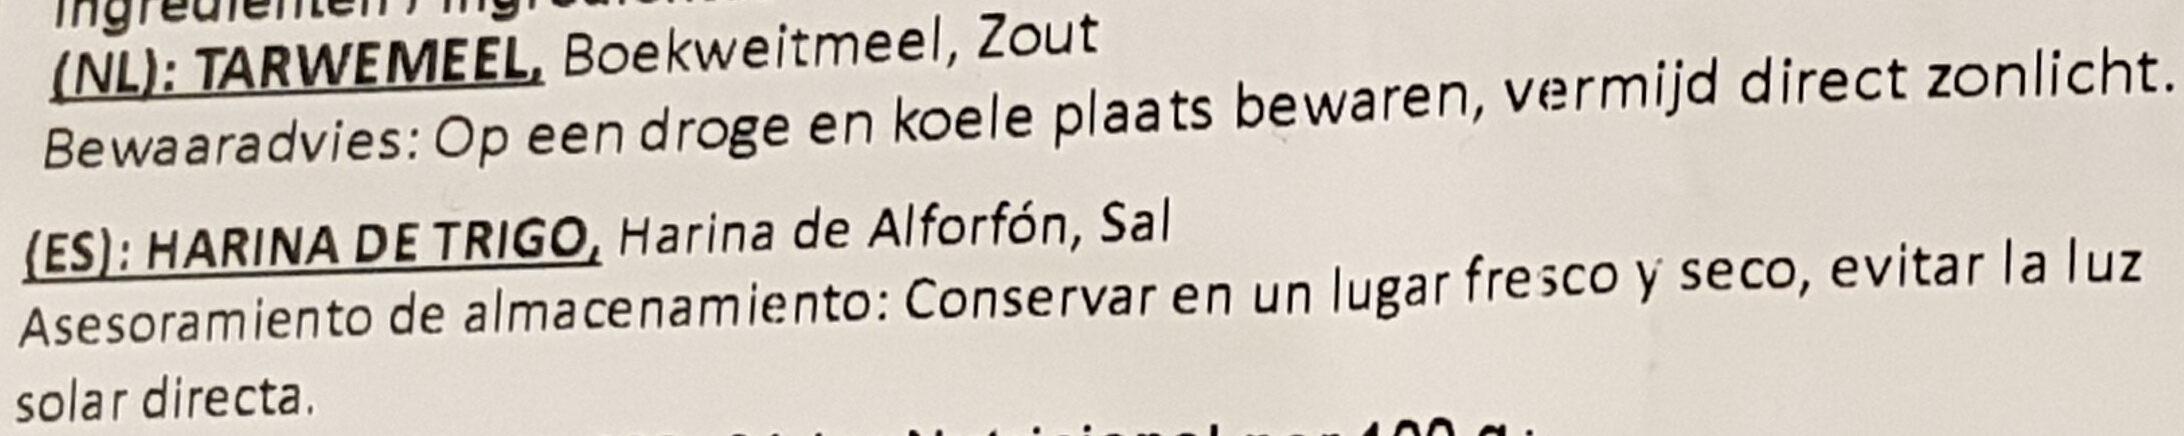 soba - Ingrediënten - nl